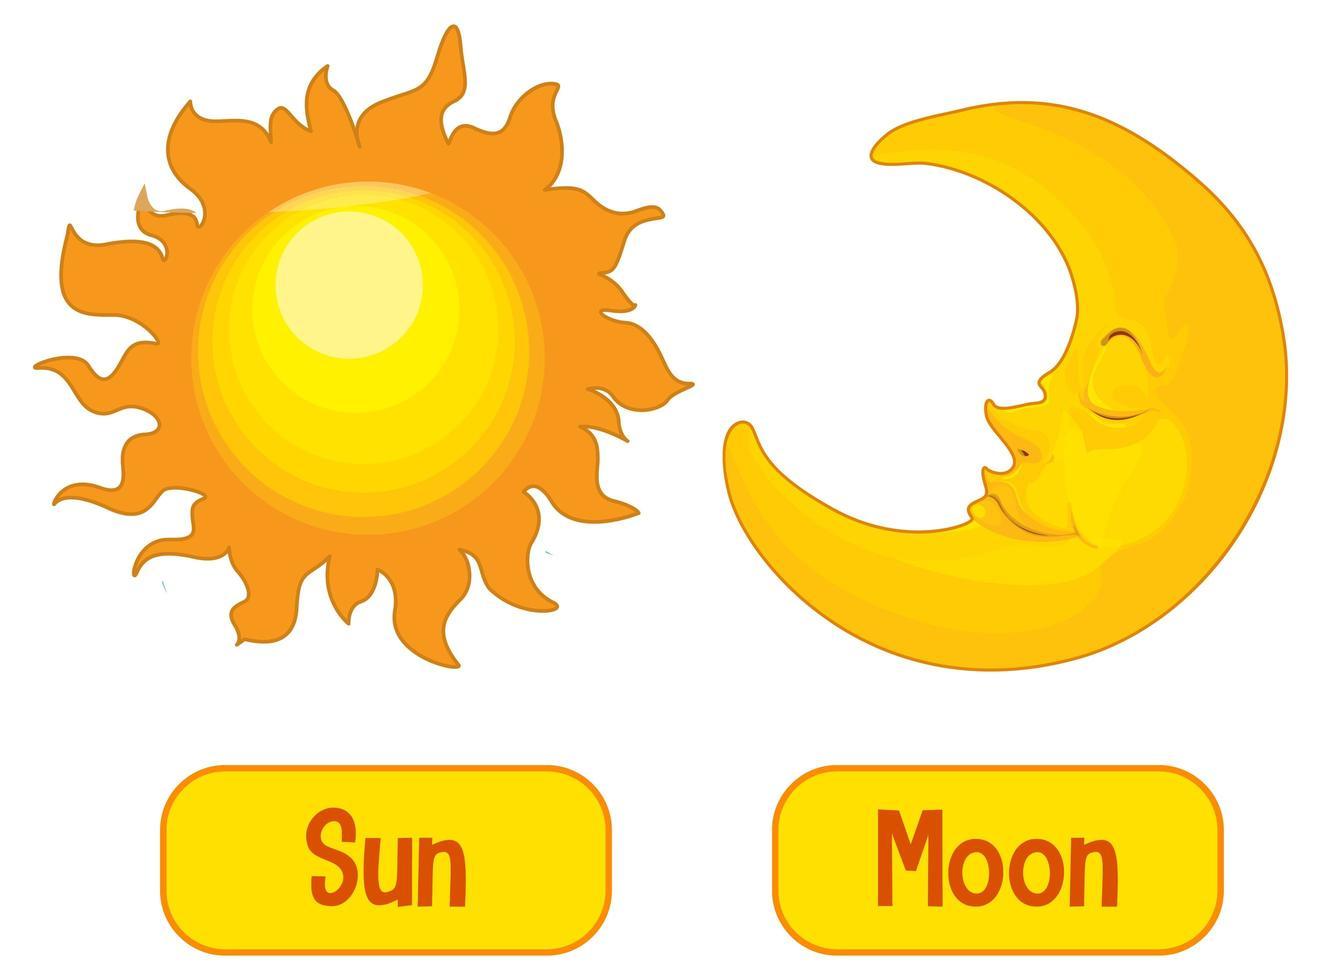 entgegengesetzte Wörter mit Sonne und Mond vektor